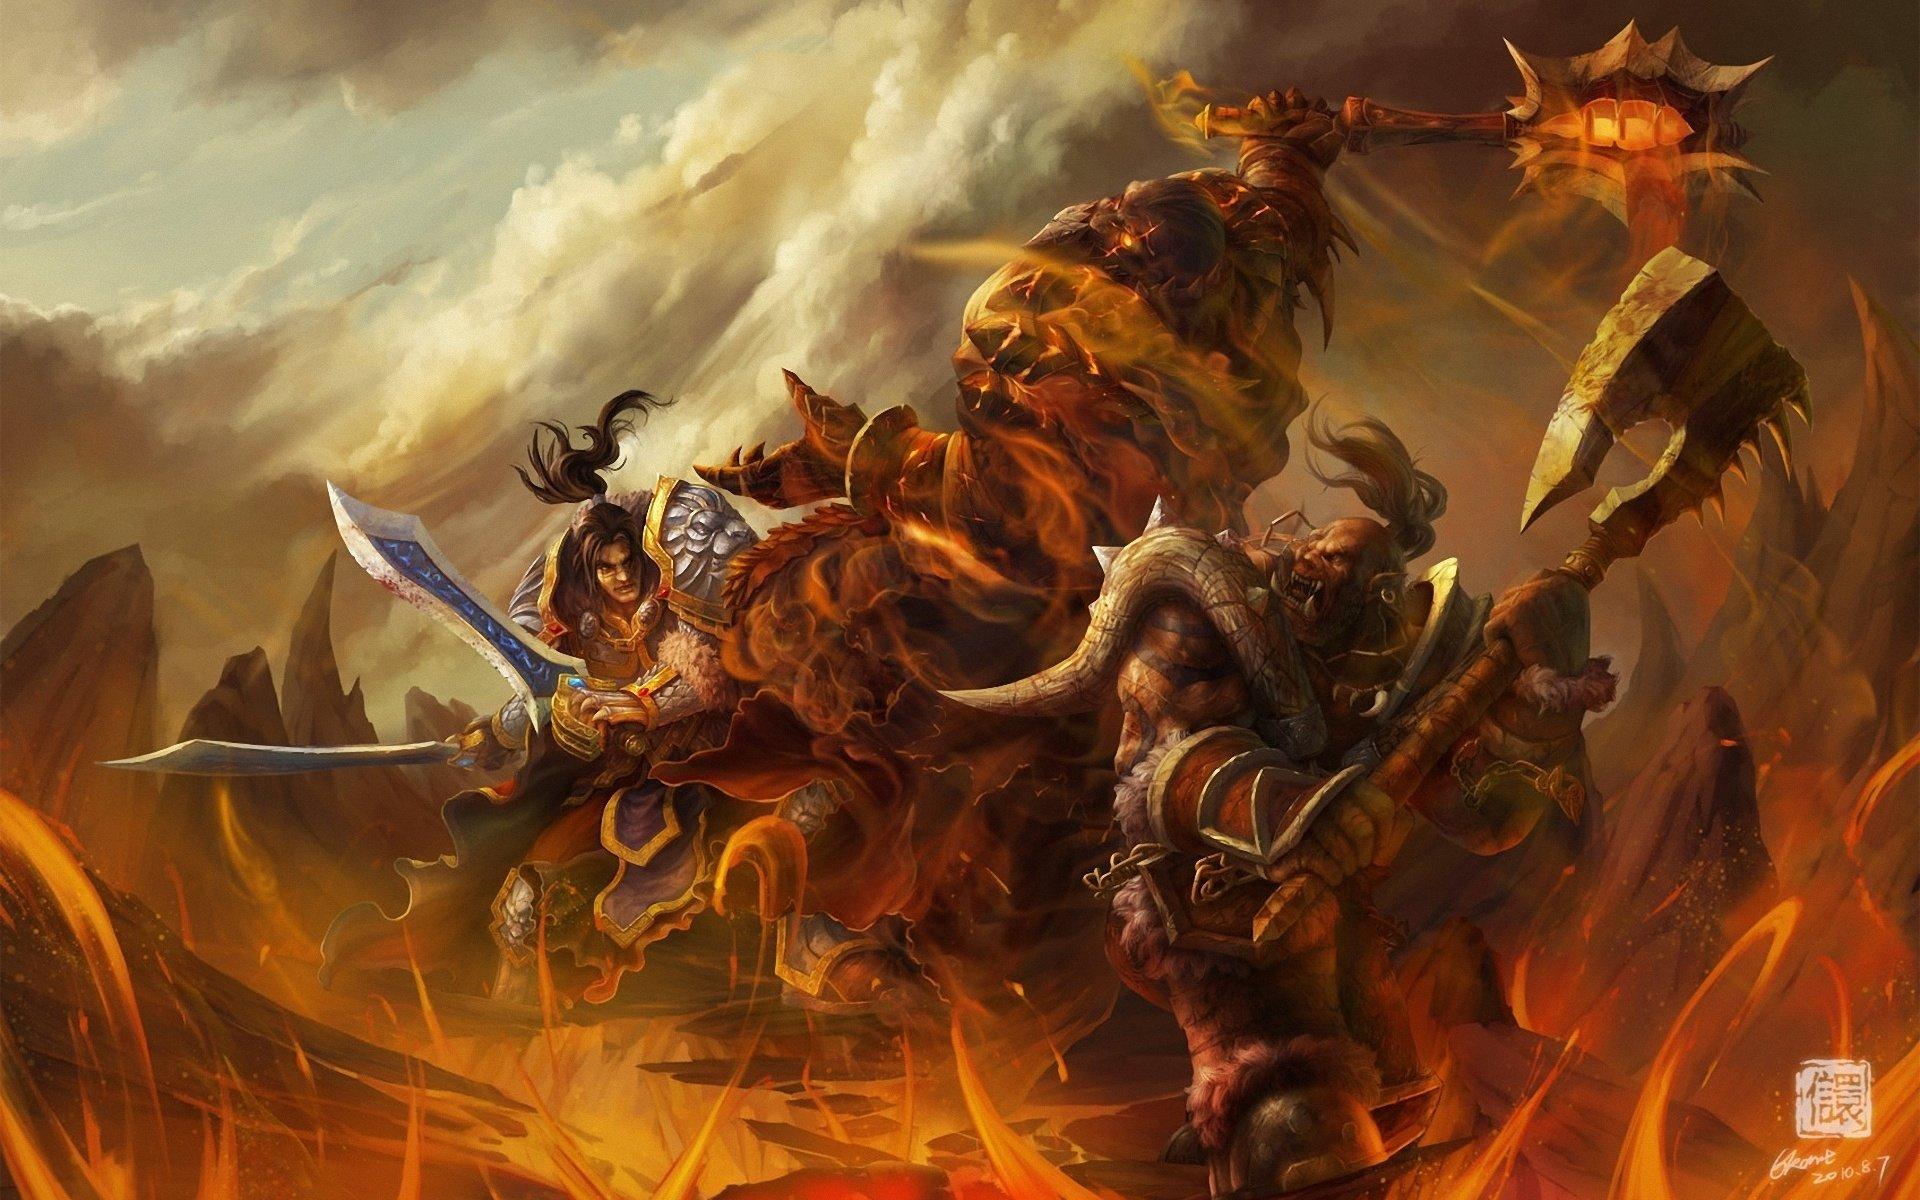 Wallpaper 1920x1200 Px Art Monster Of Orc War